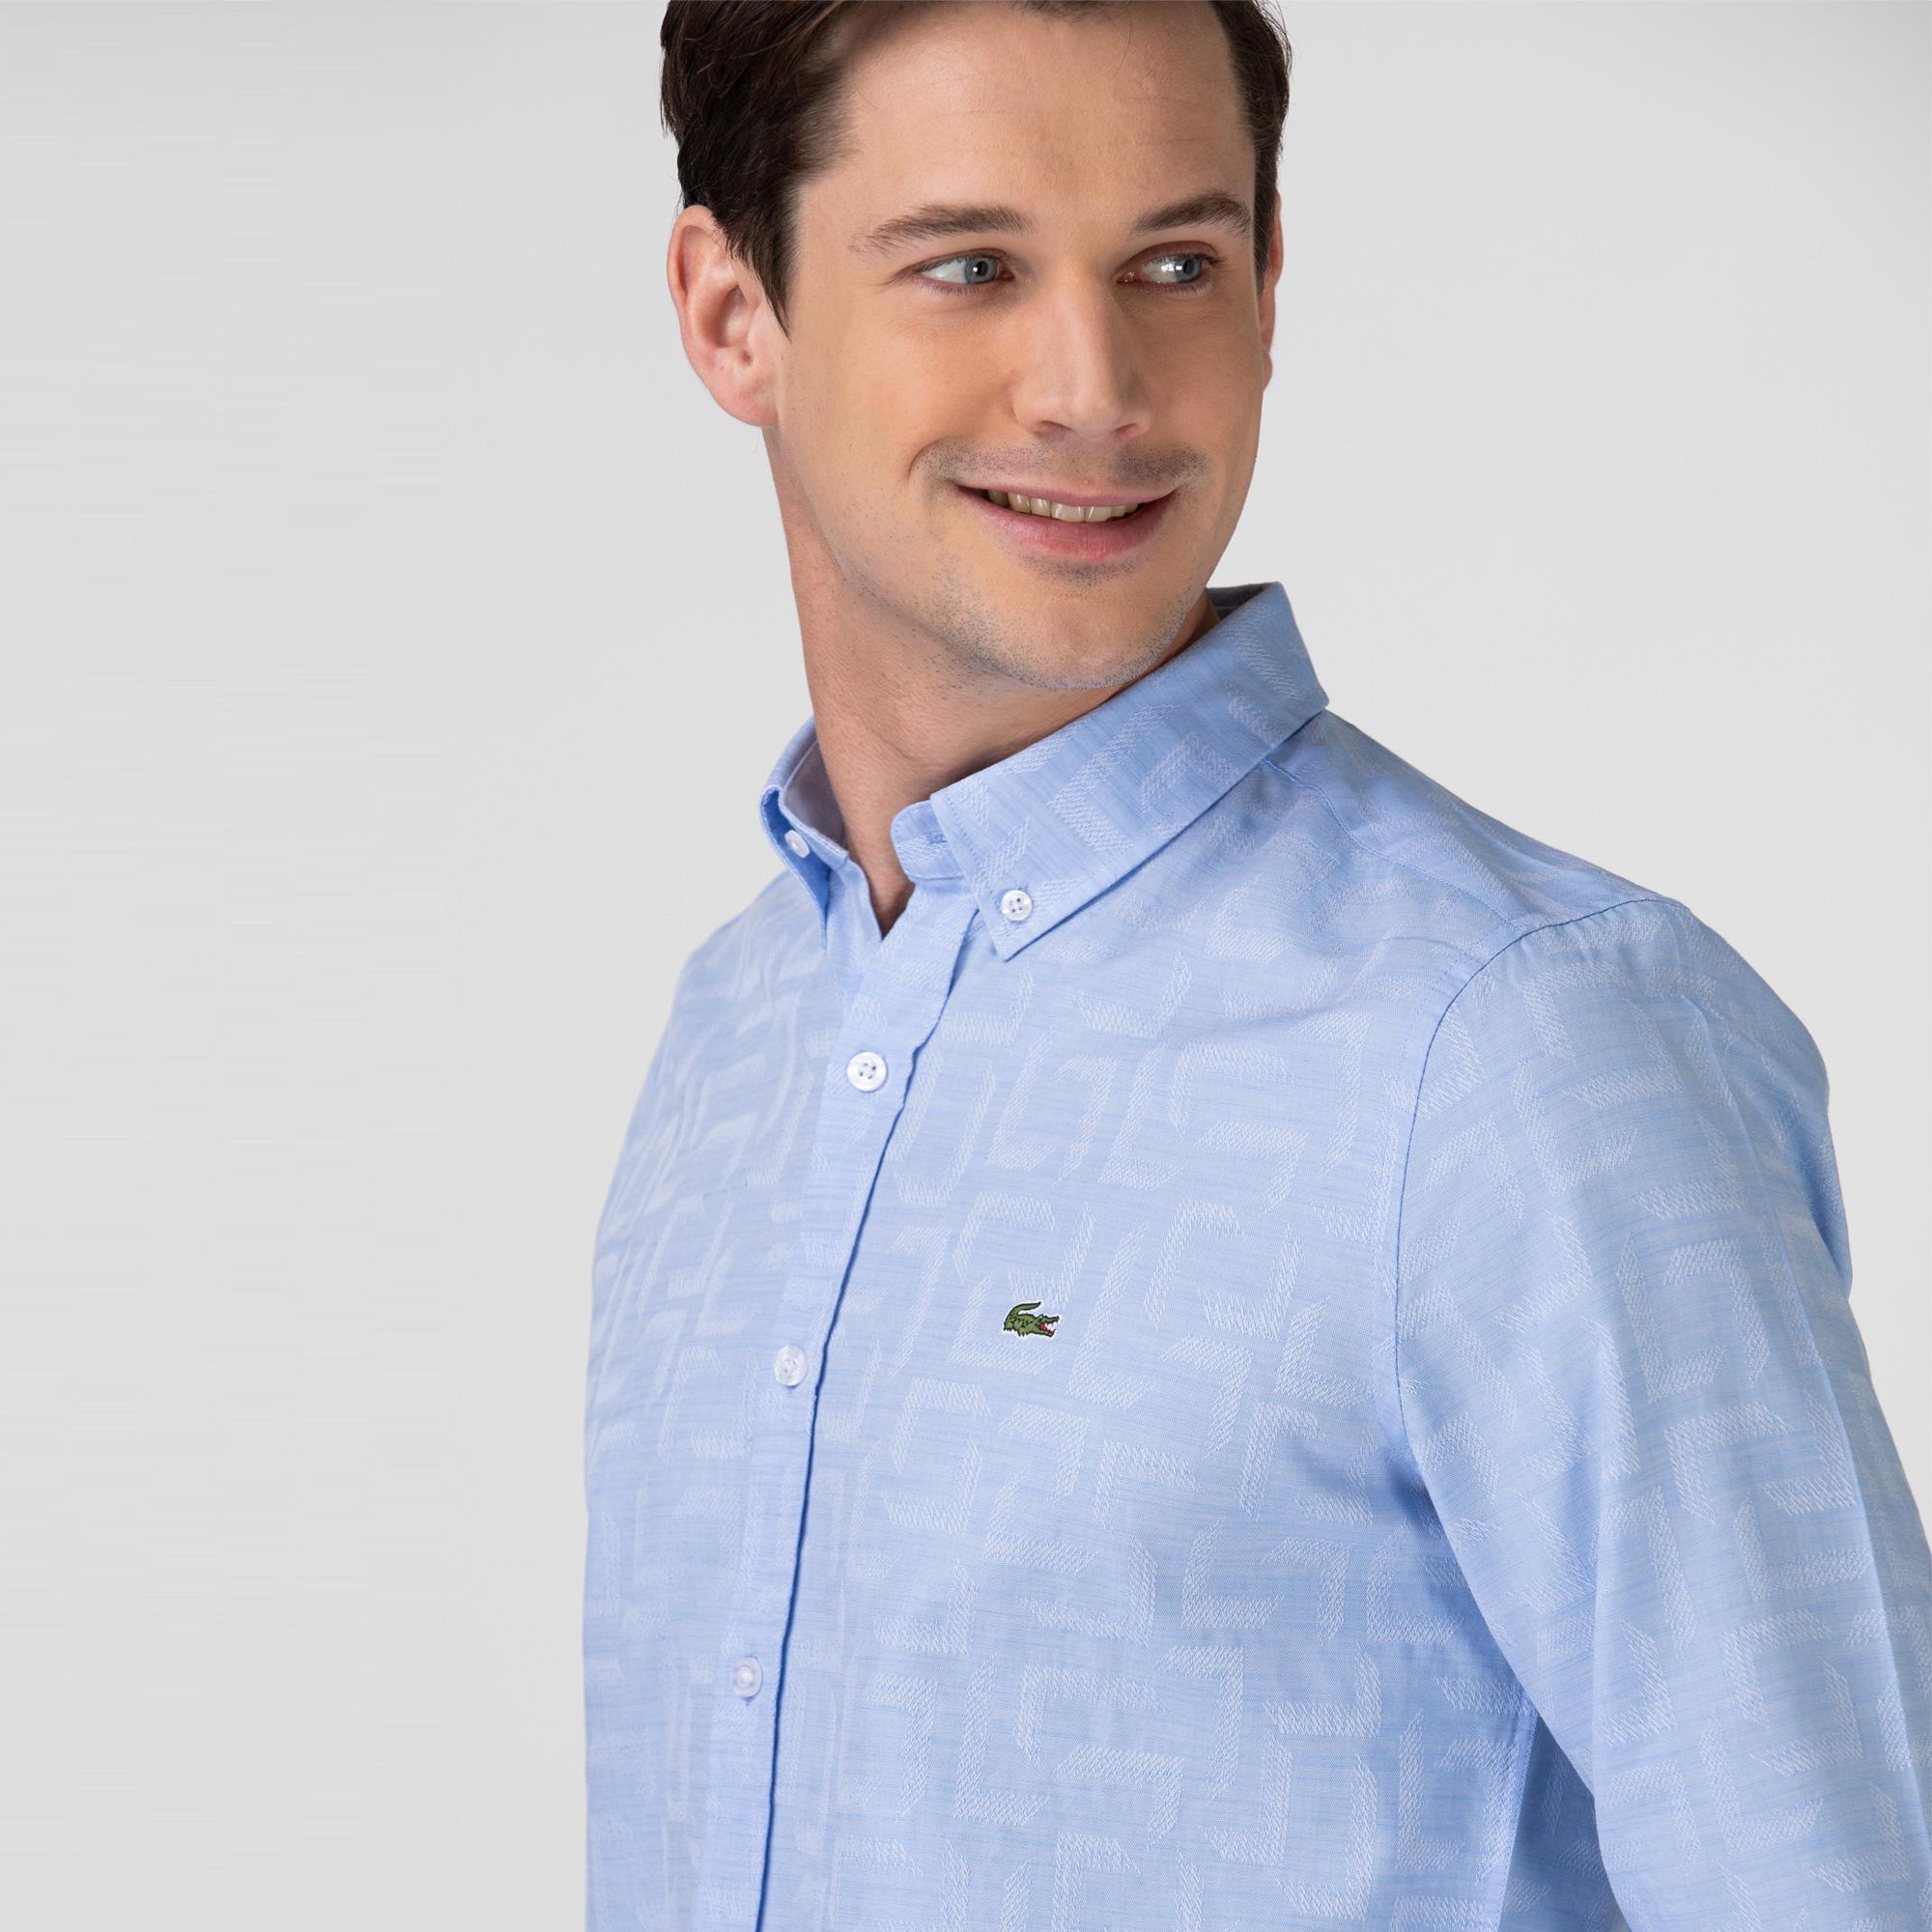 Lacoste Erkek Slim Fit Desenli Açık Mavi Gömlek